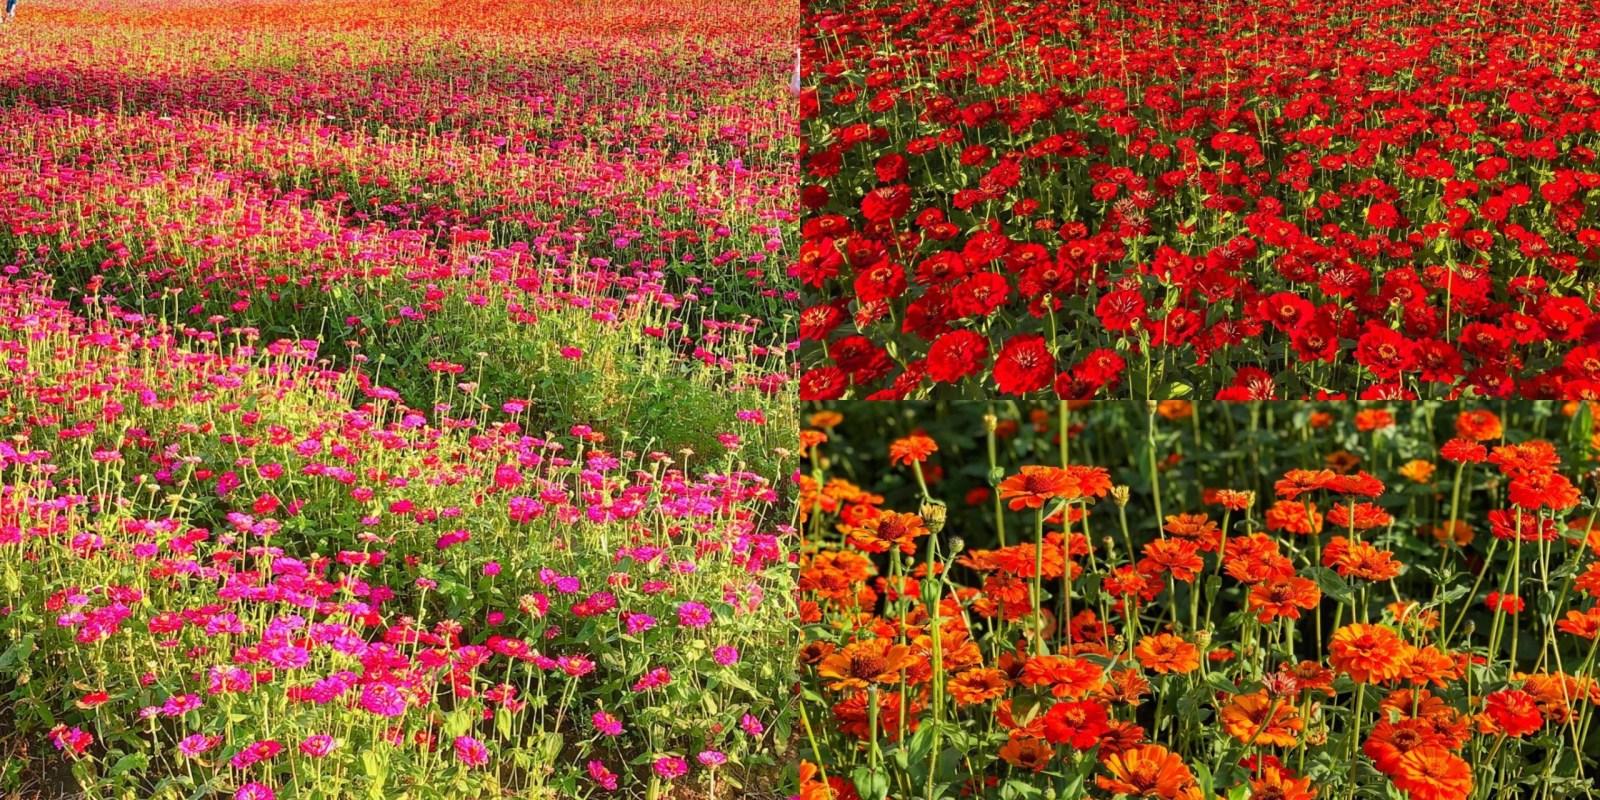 【2021美濃杉林花海】全國最大的花田迷宮在這裡!32公頃超美花海 免門票入場 網美打卡聖地 高雄景點